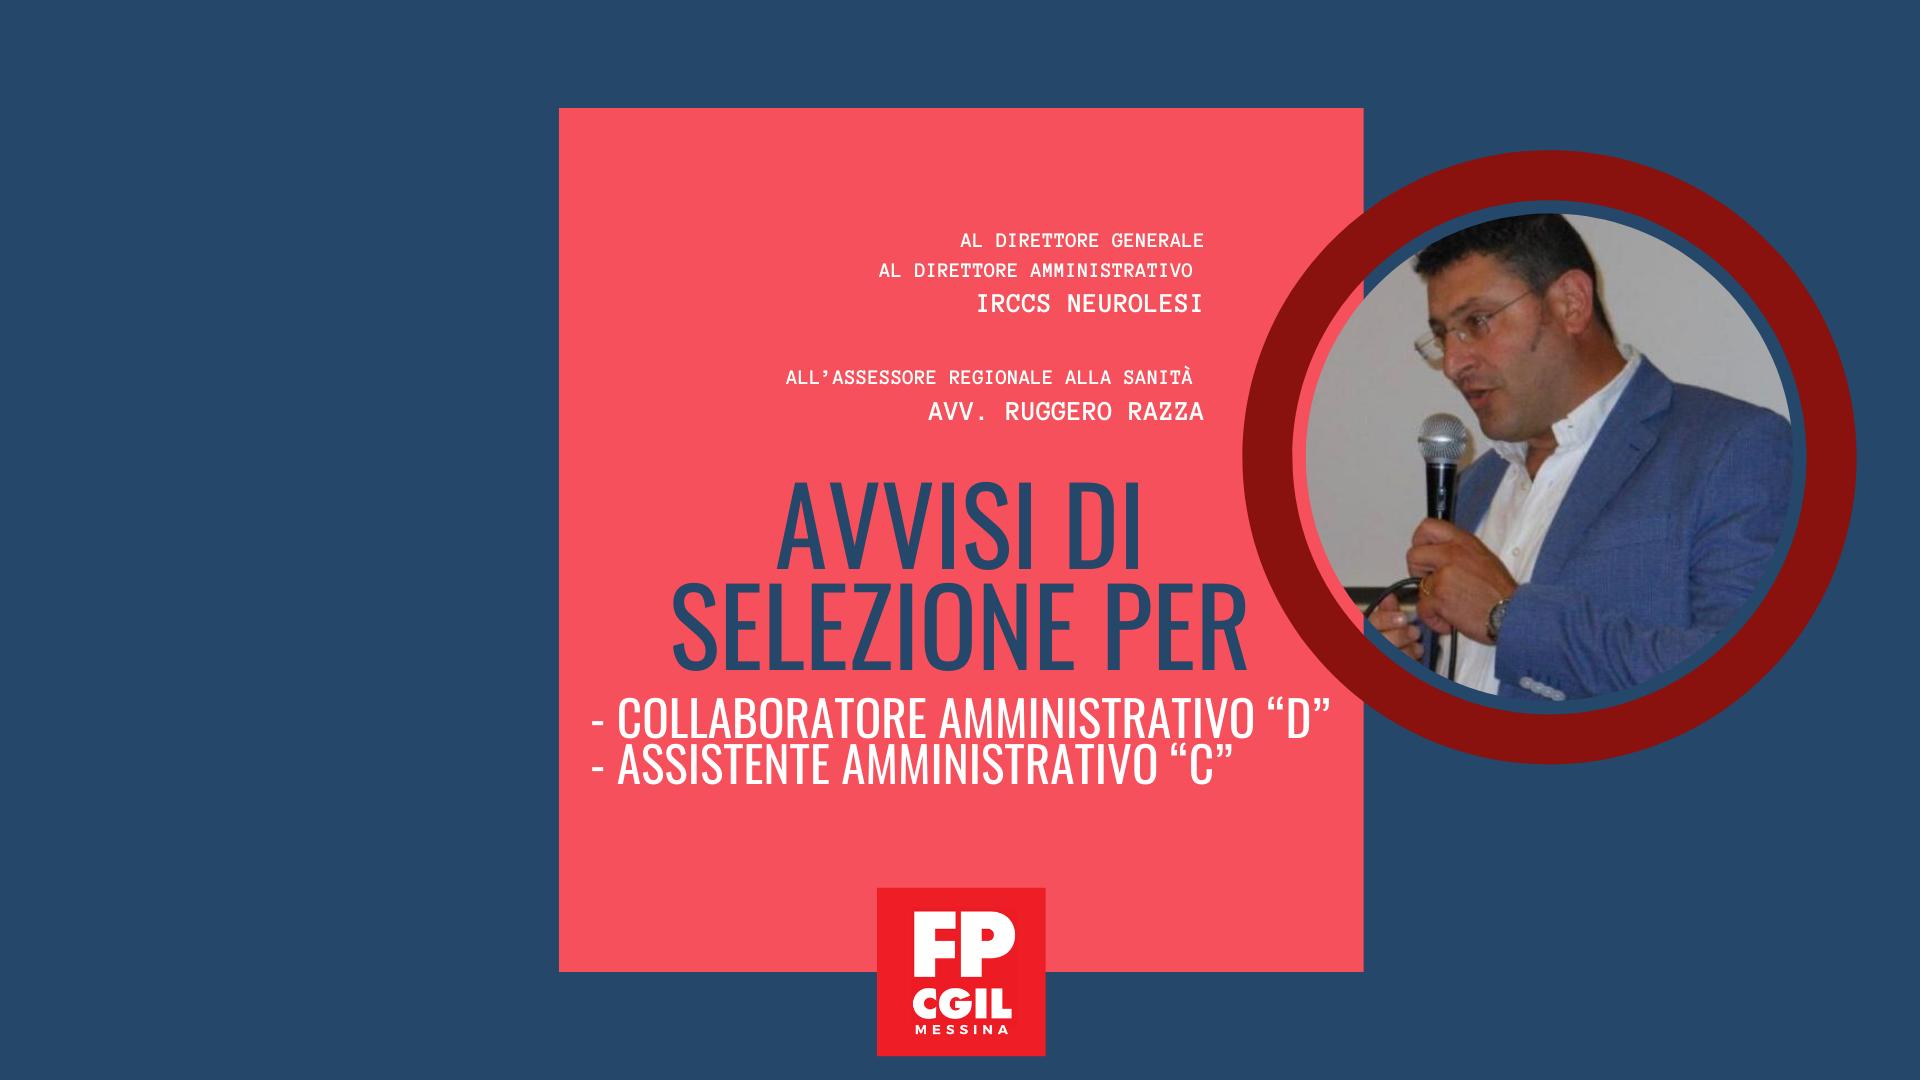 """Avvisi di selezione per Collaboratore Amministrativo """"D"""" e Assistente Amministrativo """"C""""."""